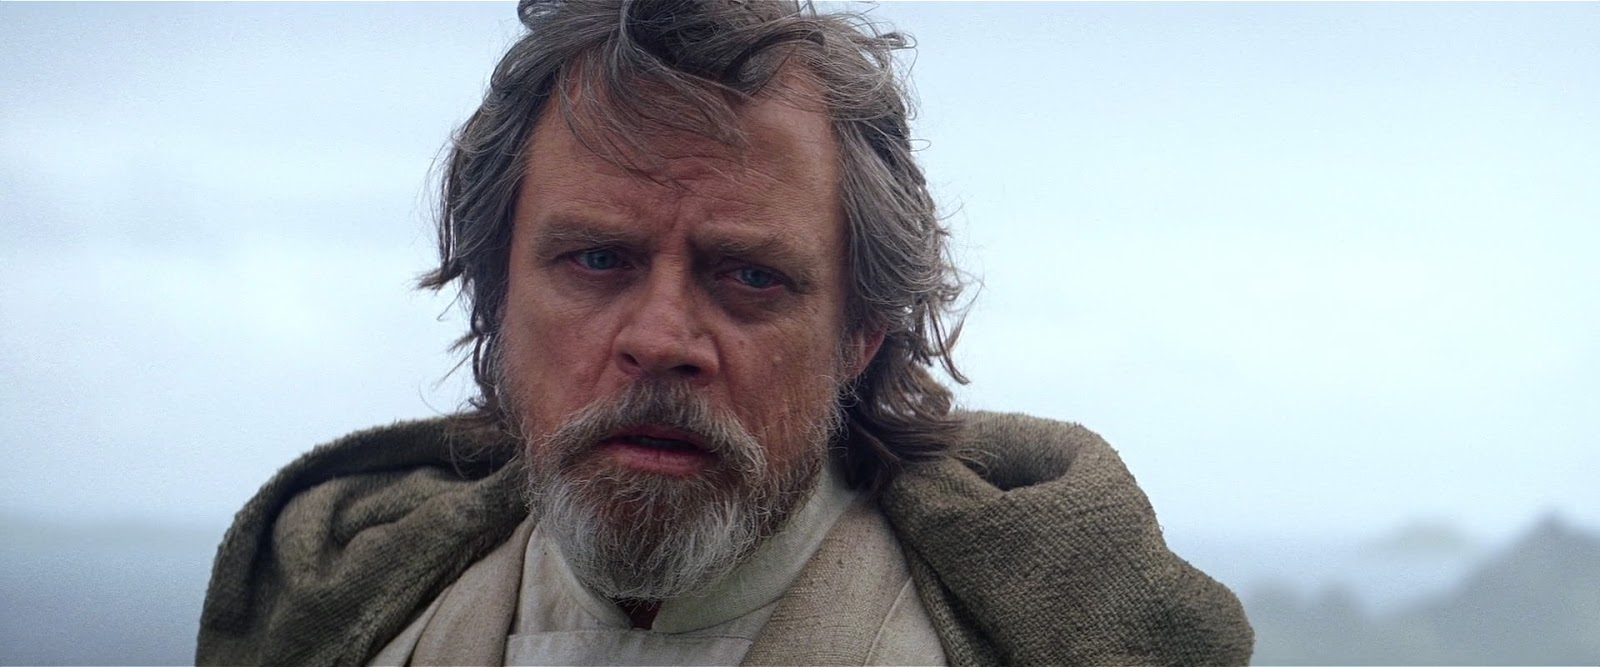 Die Rückkehr eines Helden: Im Gegensatz zu Han Solo (Harrison Ford) hatte Luke in Episode VII nur einen kurzen Auftritt.